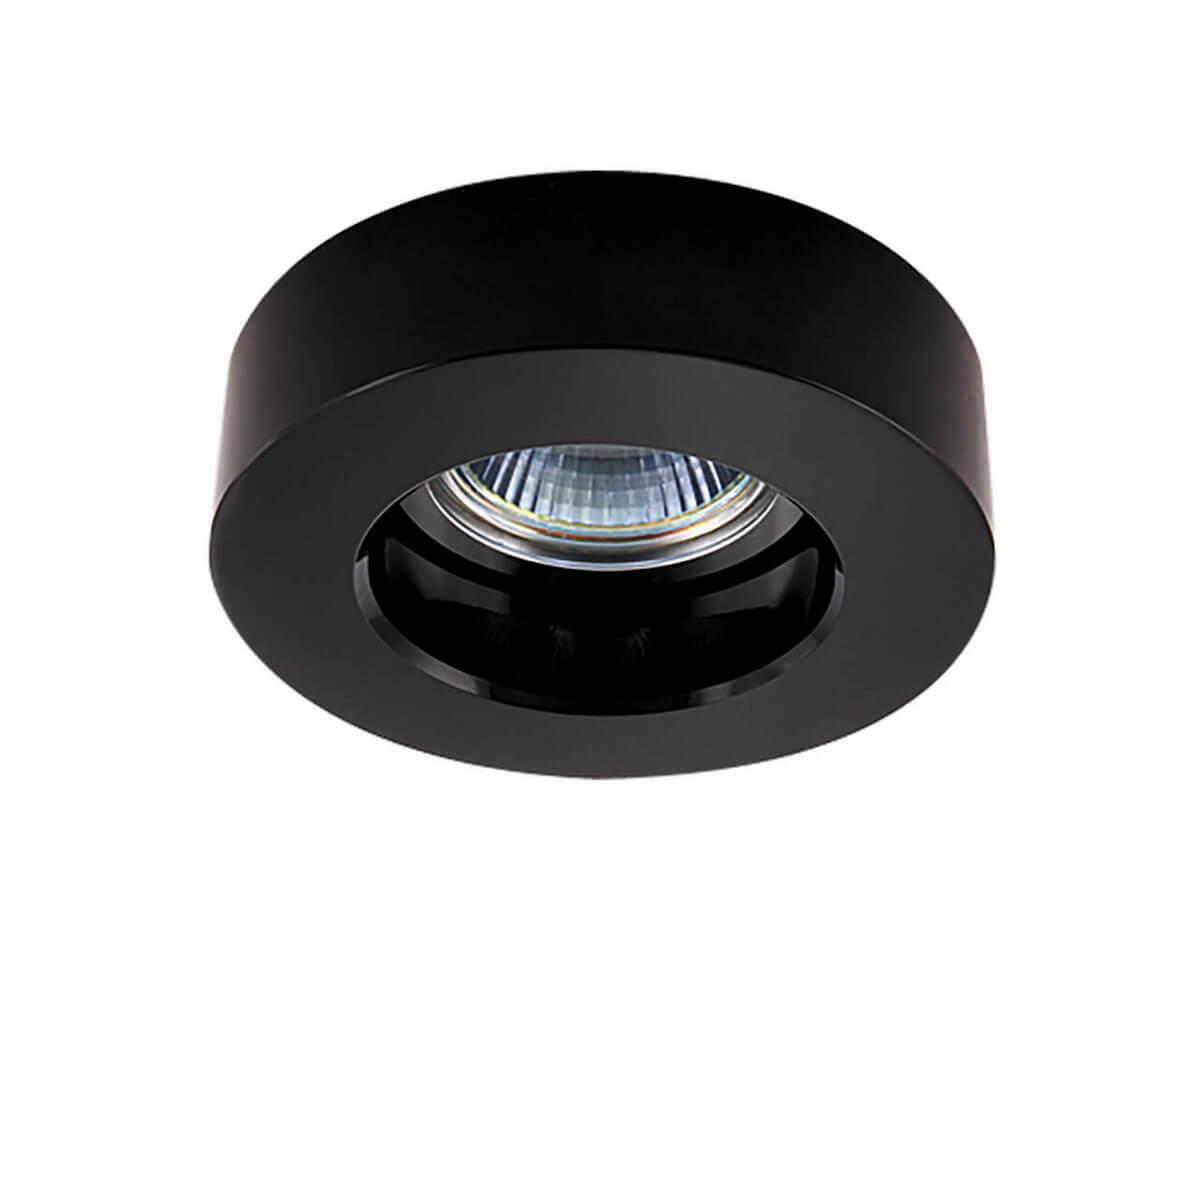 Встраиваемый светильник Lightstar Black 006117 встраиваемый светильник lightstar lei 006117